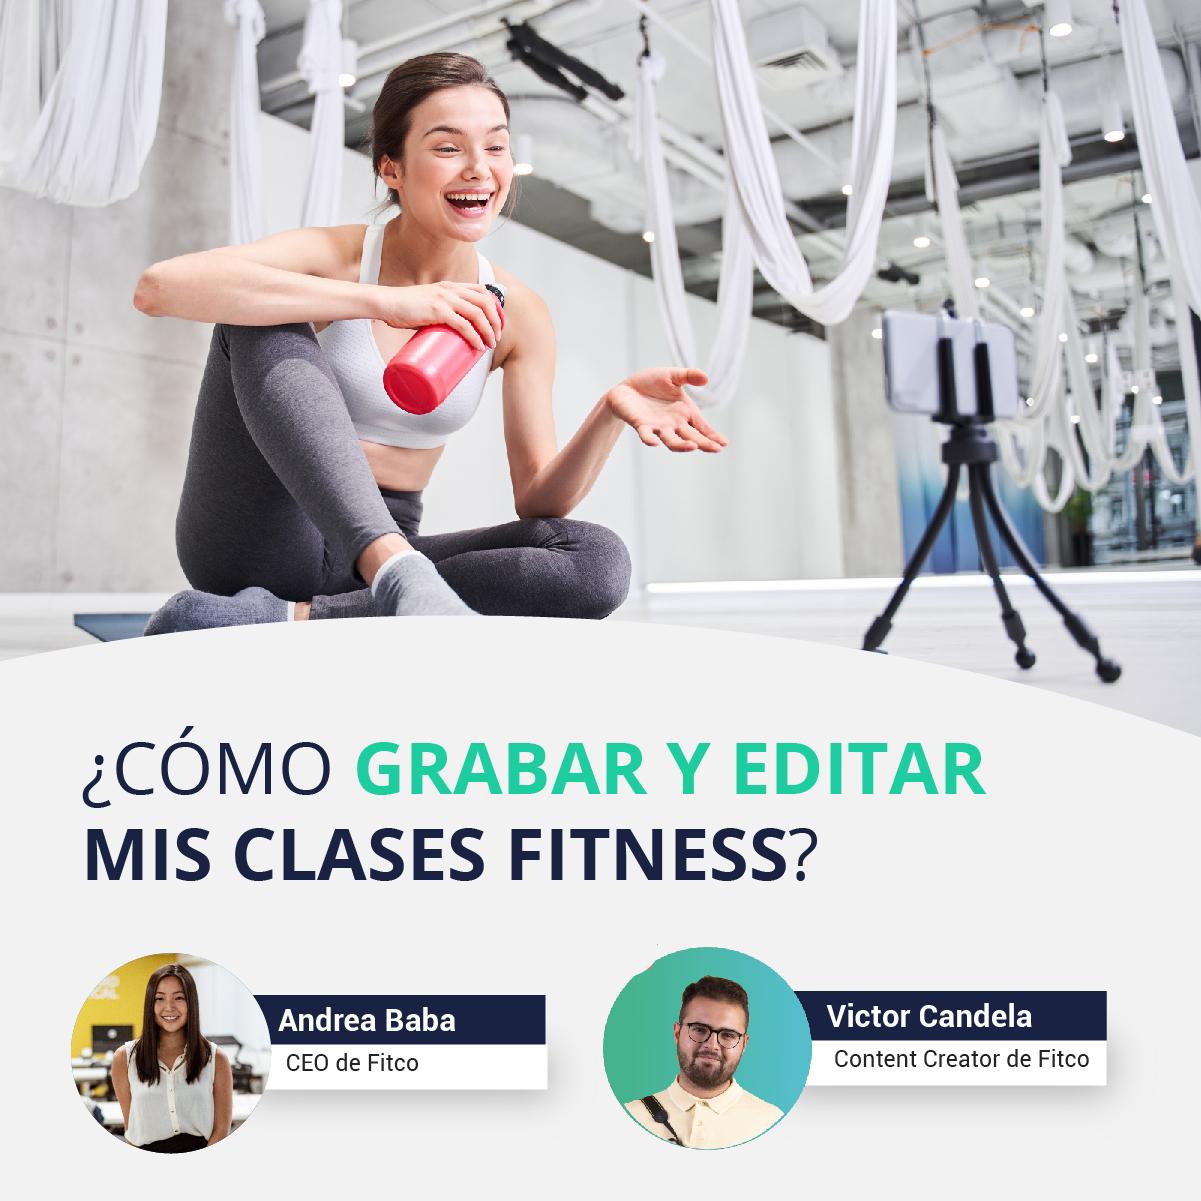 ¿Cómo grabar y editar mis clases  fitness?